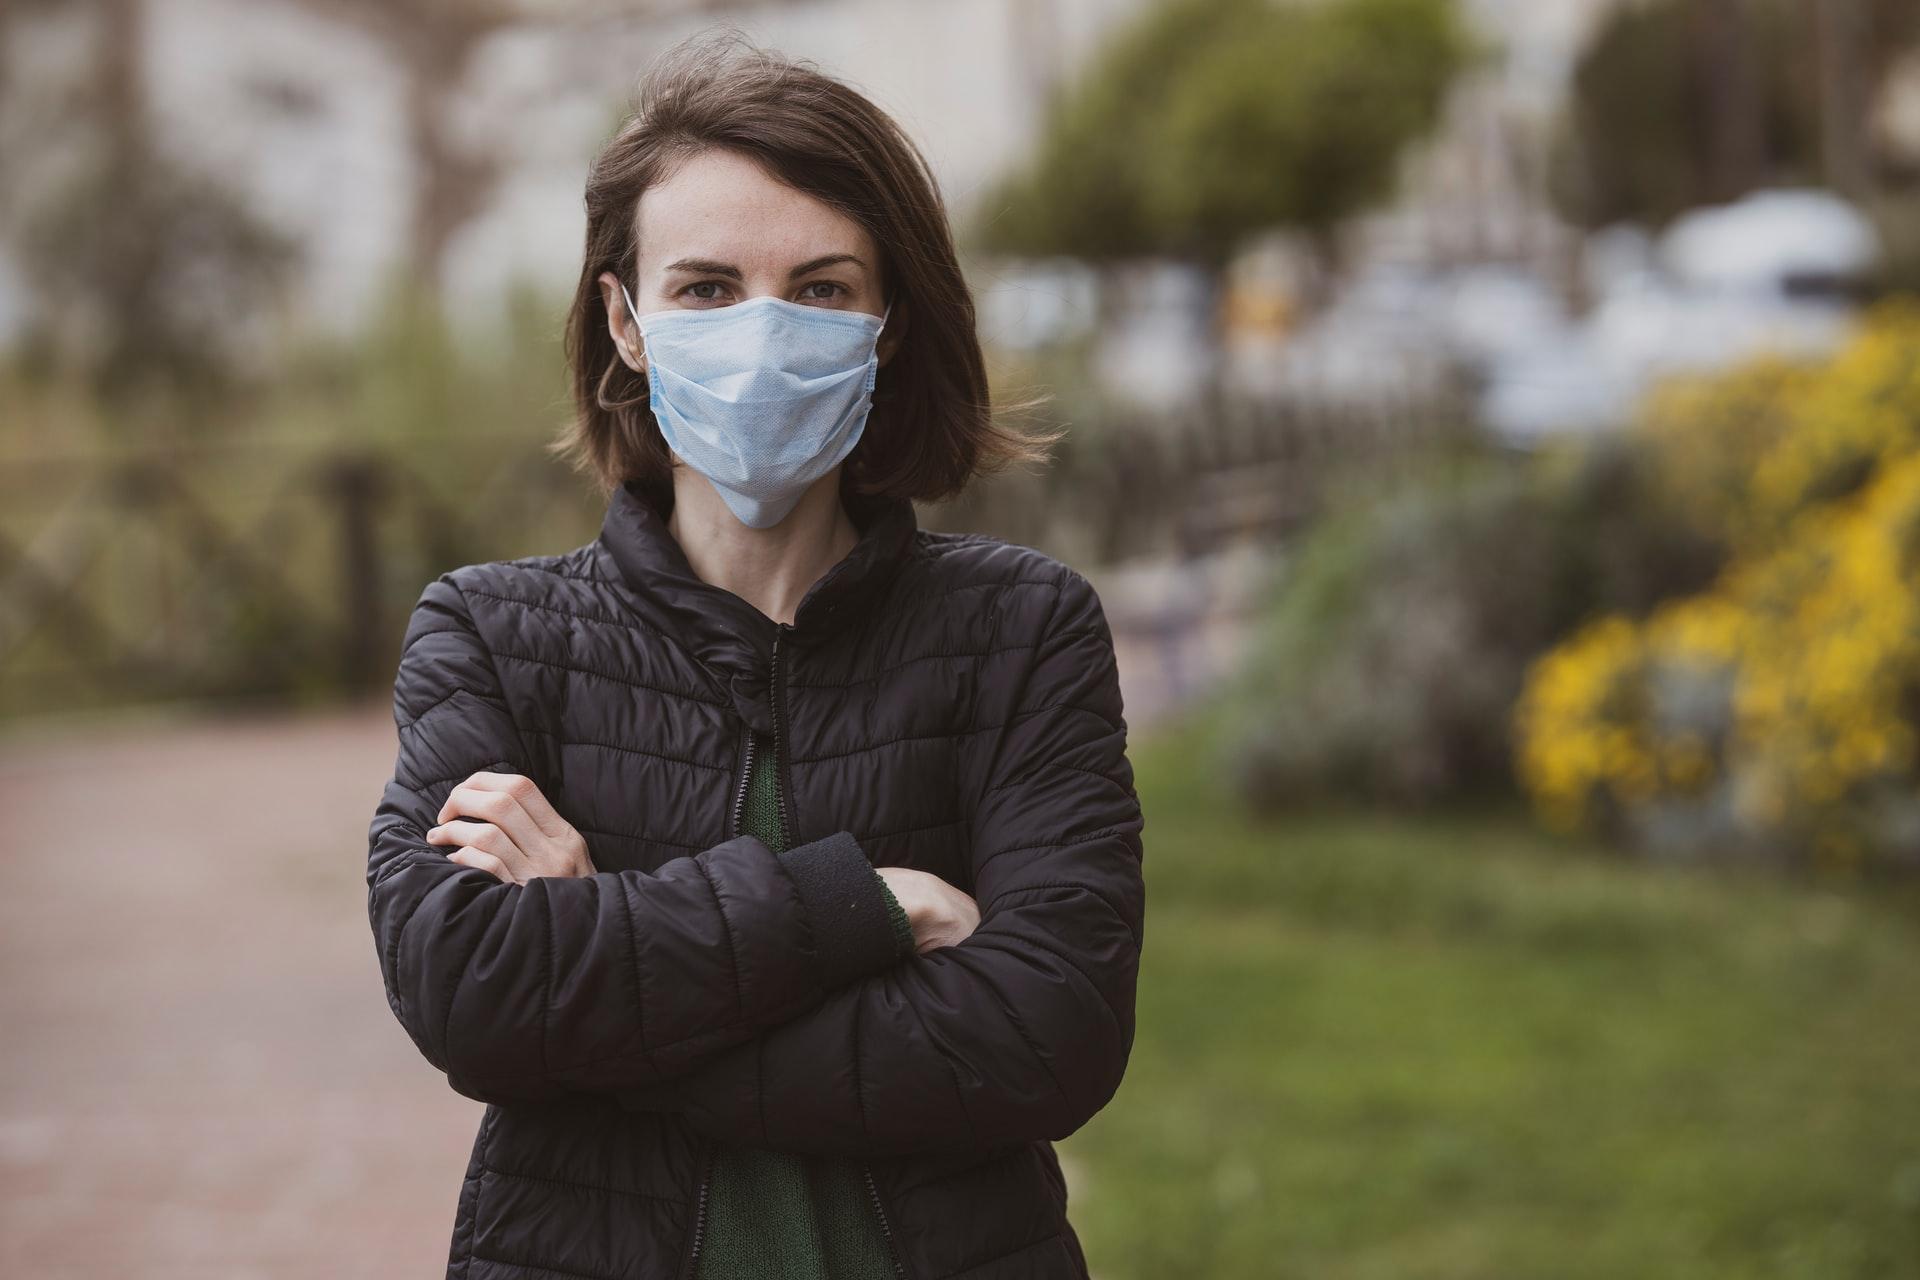 放射線治療と新型コロナウイルス感染症